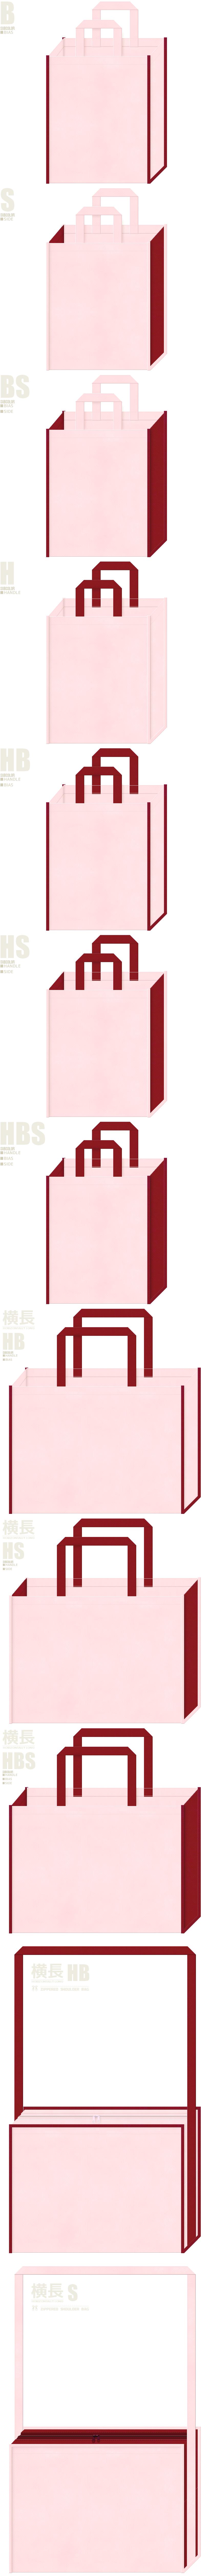 桜色とエンジ色、7パターンの不織布トートバッグ配色デザイン例。和装展示会用のバッグにお奨めです。振袖風。